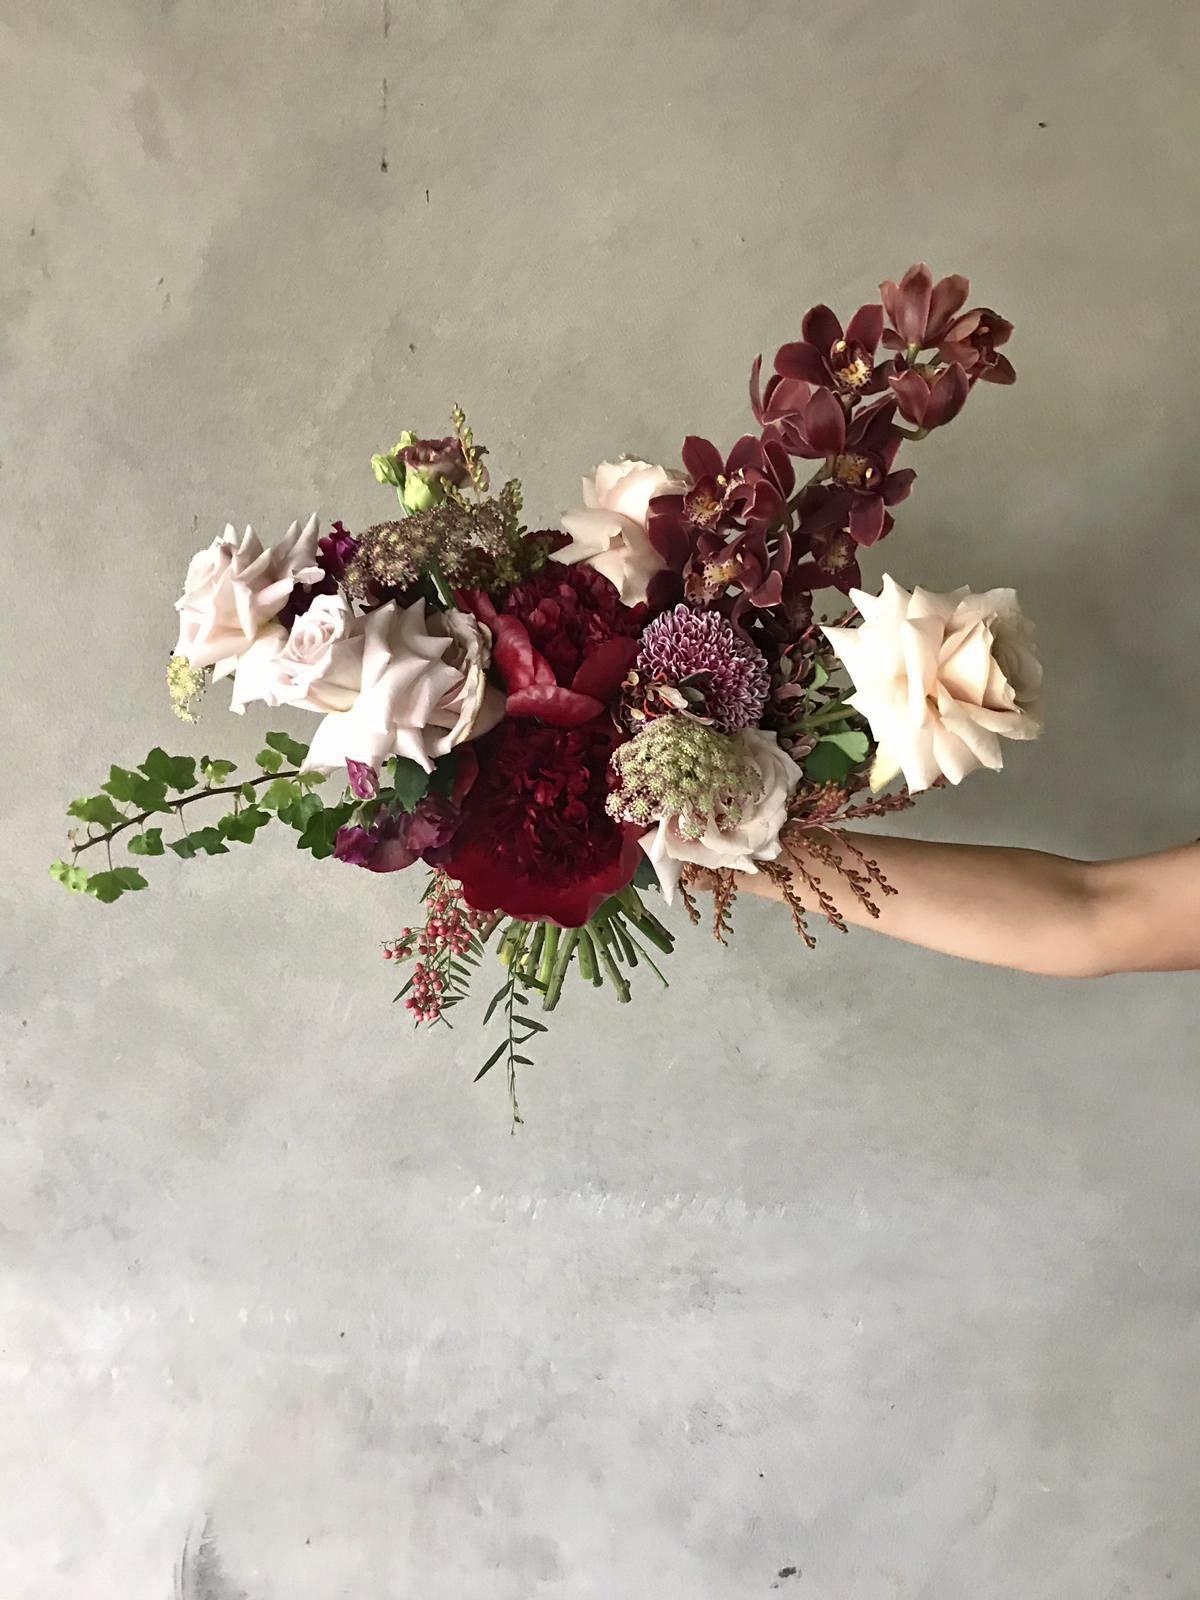 George & Smee bouquet wedding